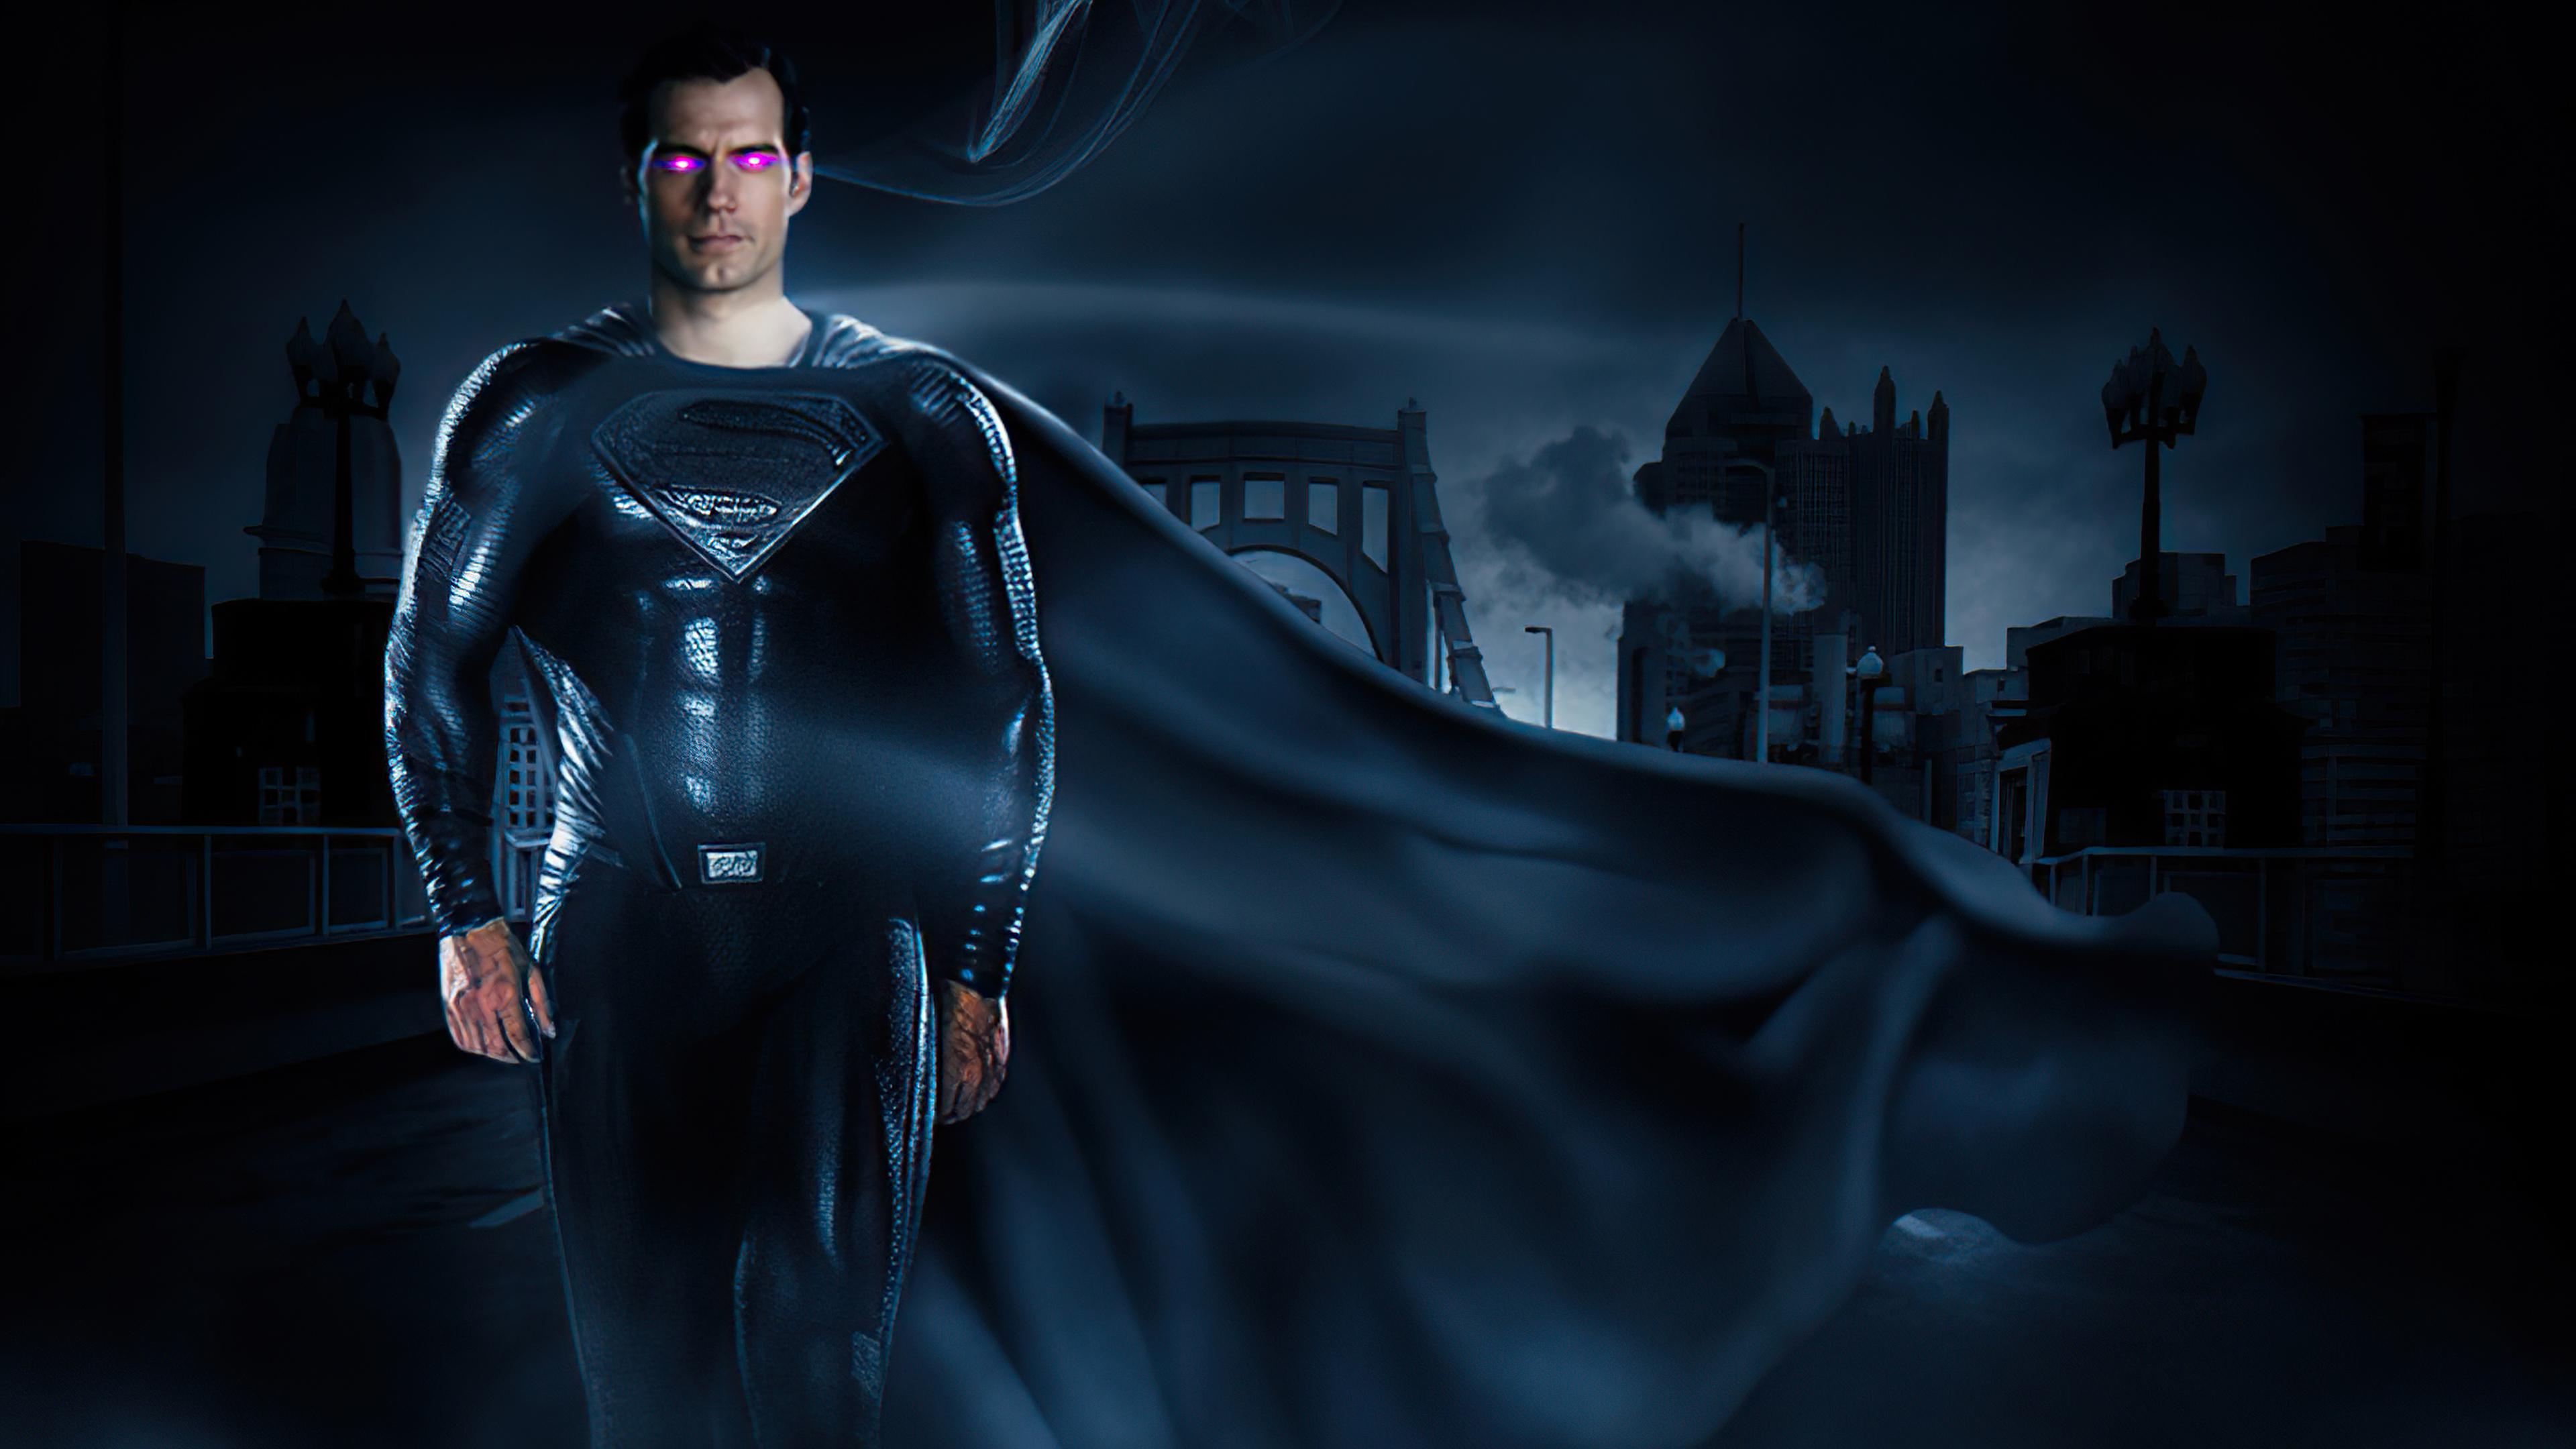 the superman black suit 4k 1617446728 - The Superman Black Suit 4k - The Superman Black Suit 4k wallpapers